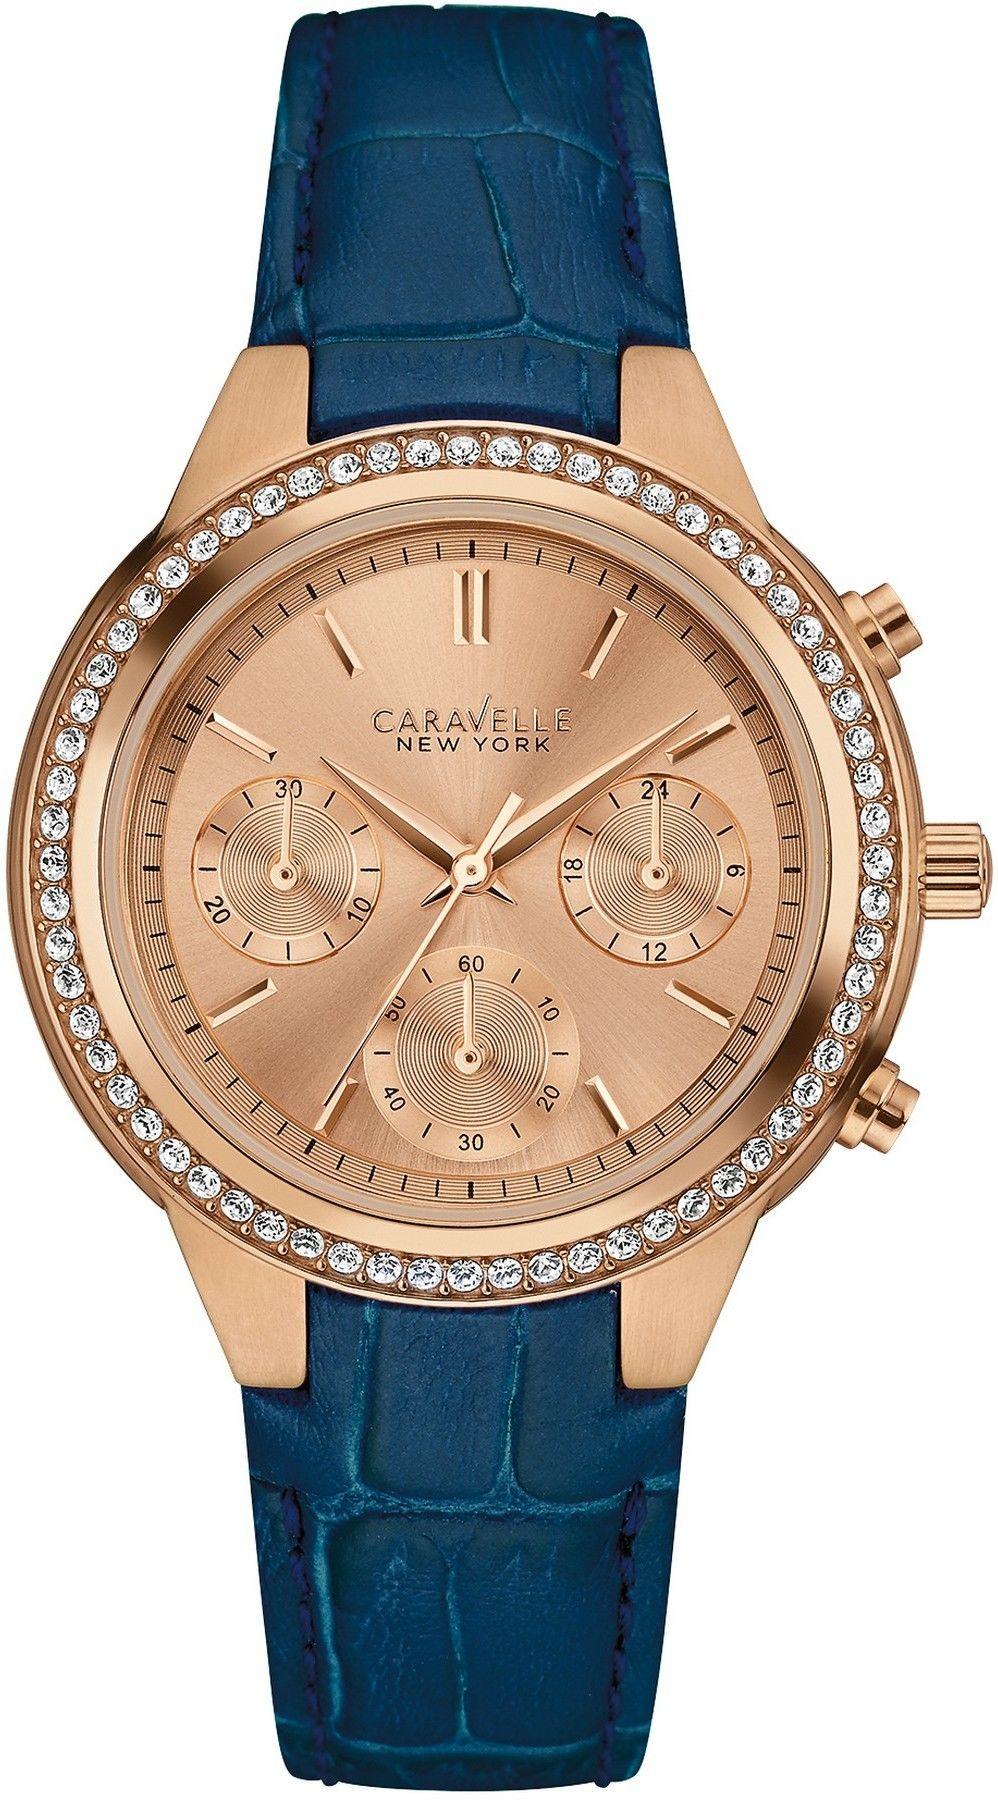 Zegarek Caravelle 44L183 - CENA DO NEGOCJACJI - DOSTAWA DHL GRATIS, KUPUJ BEZ RYZYKA - 100 dni na zwrot, możliwość wygrawerowania dowolnego tekstu.